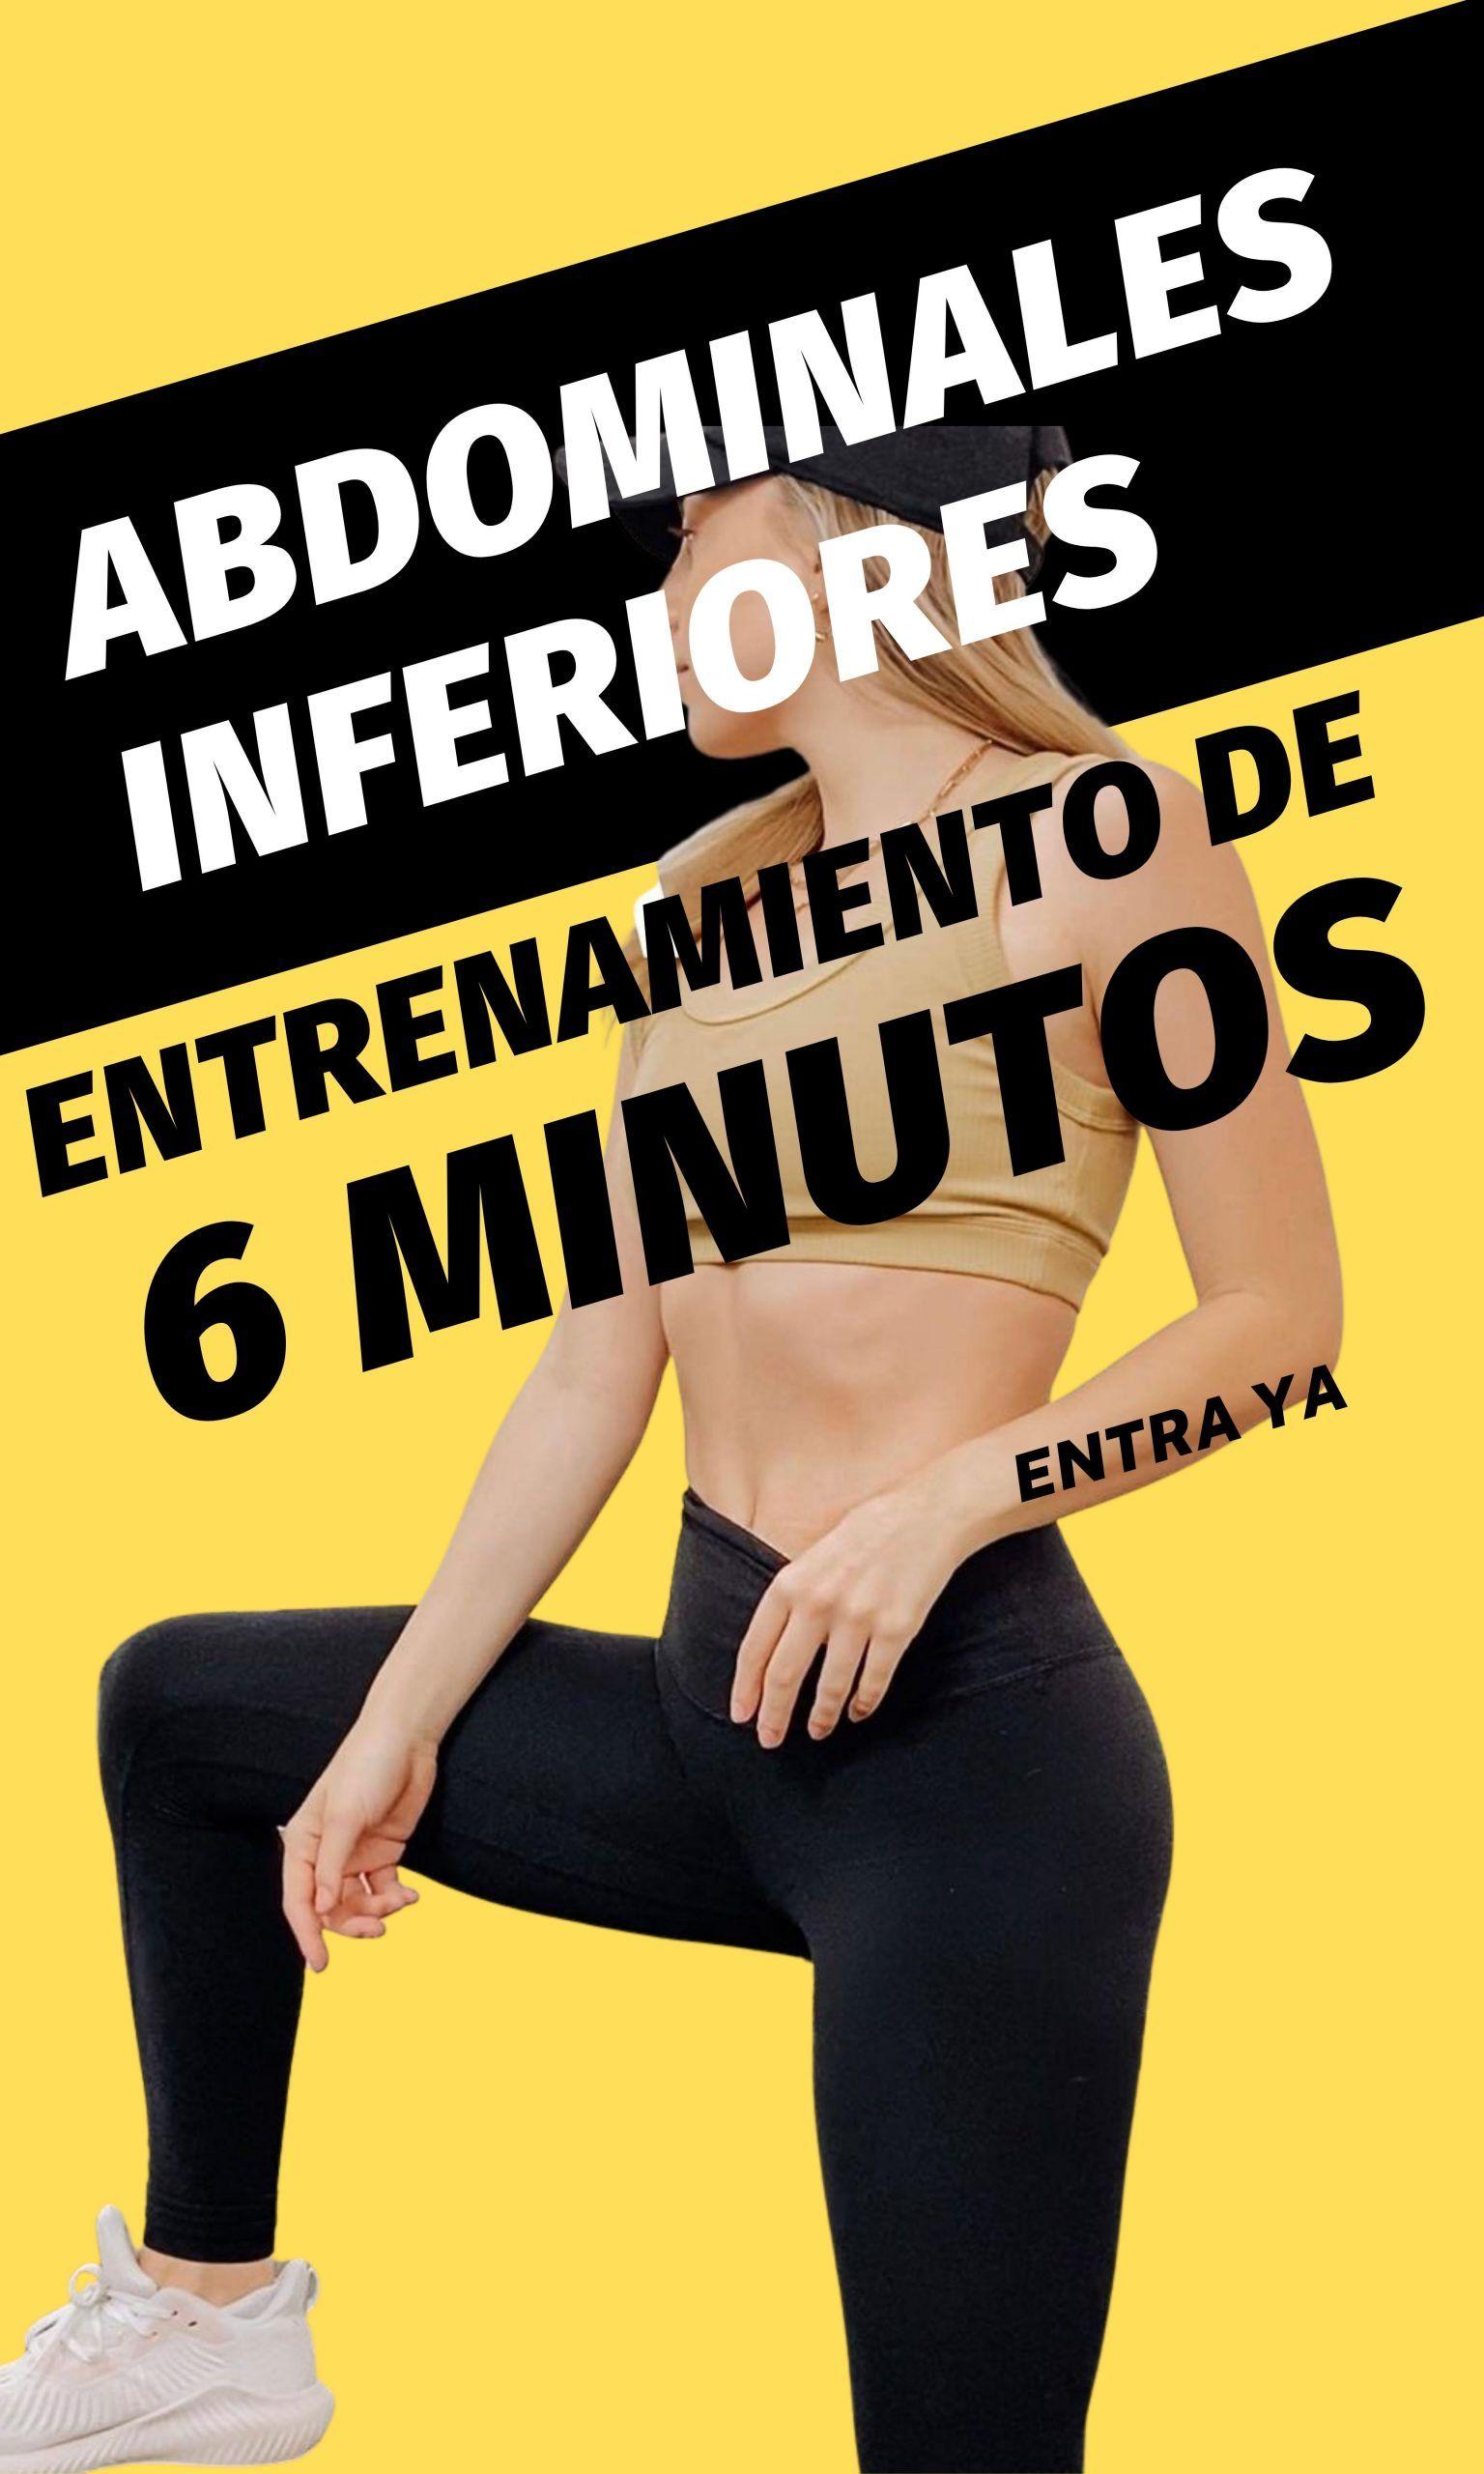 Abdominales INFERIORES impresionantes en menos de 6 minutos